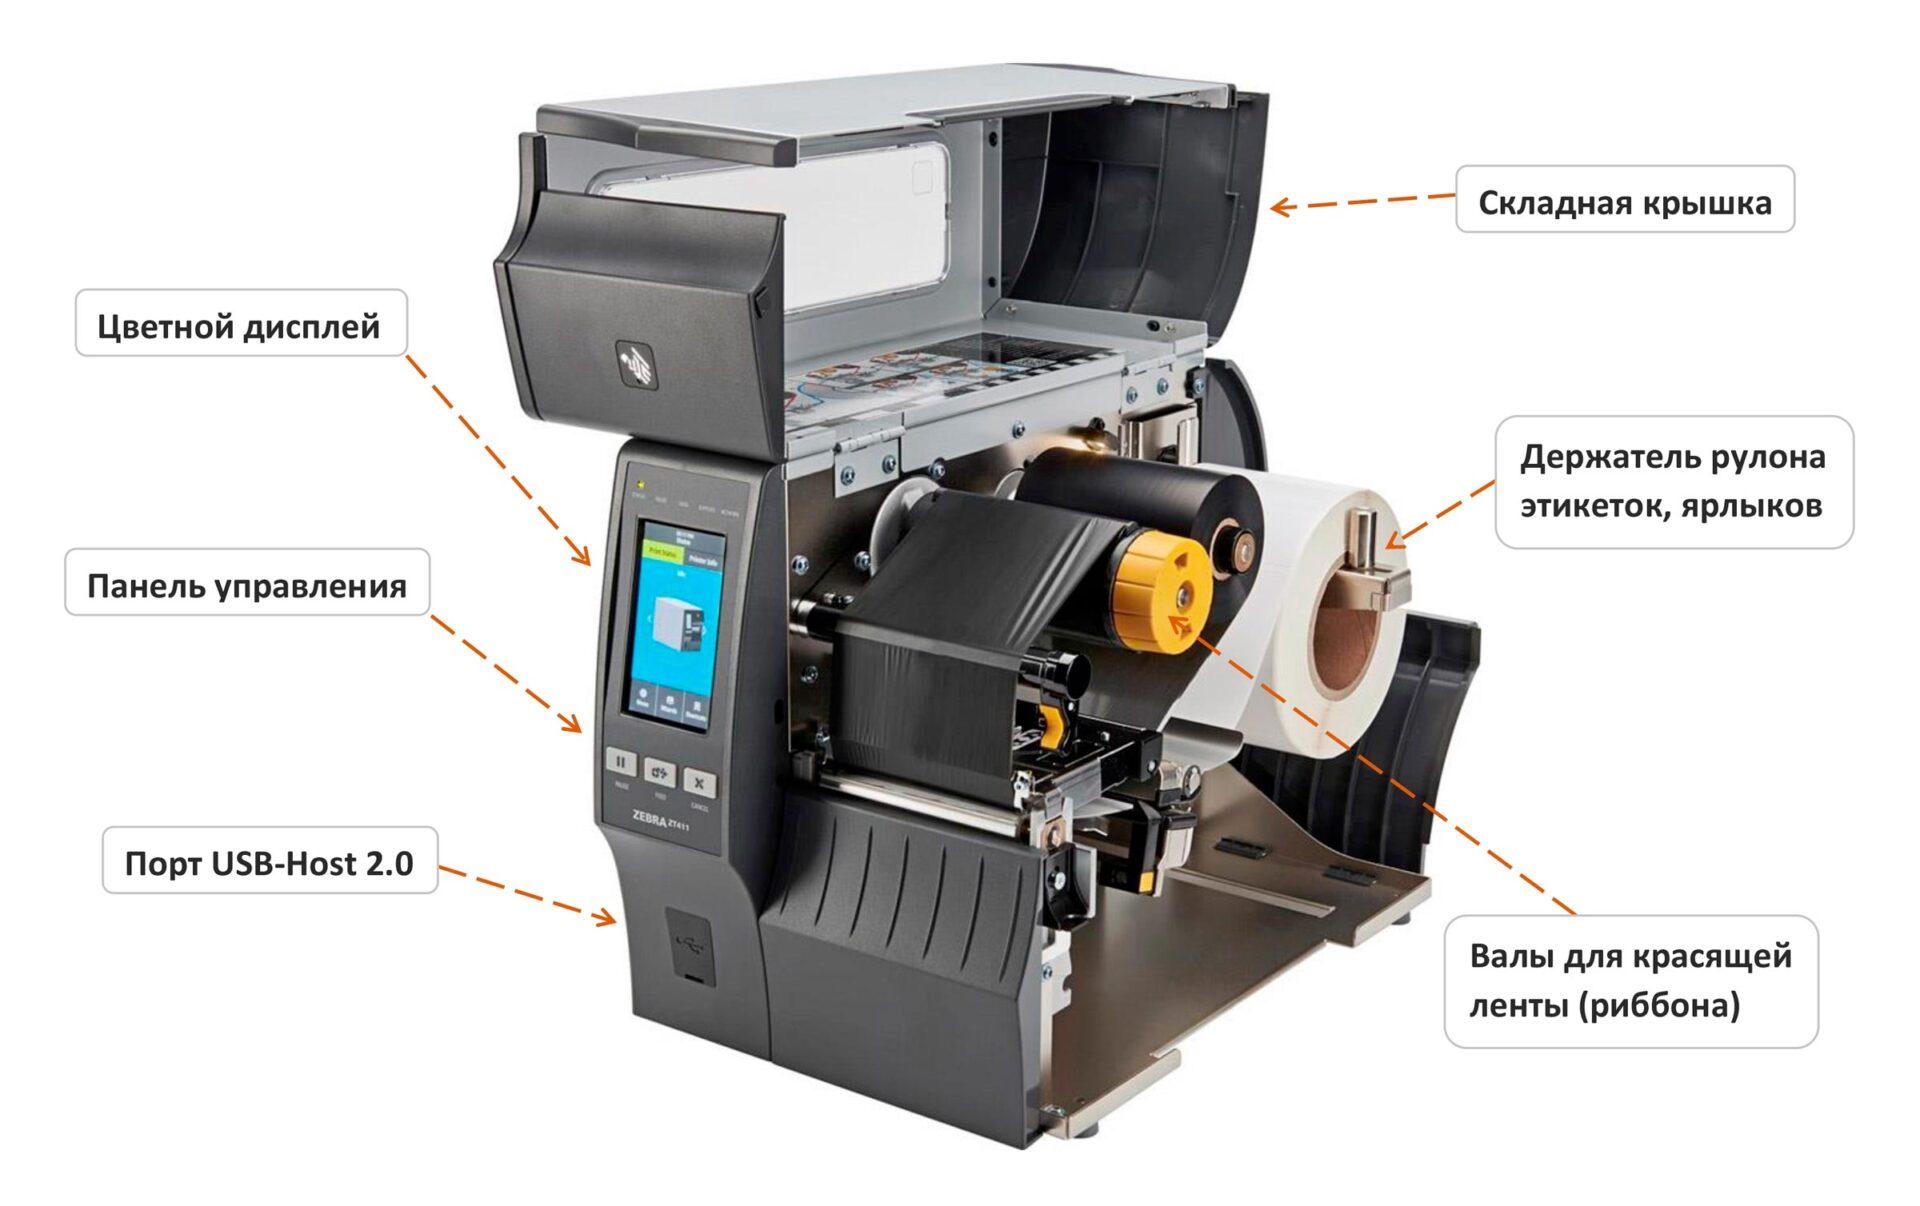 оборудование_для печати_этикеток_cab_sato_zebra_ ZEBRA 1